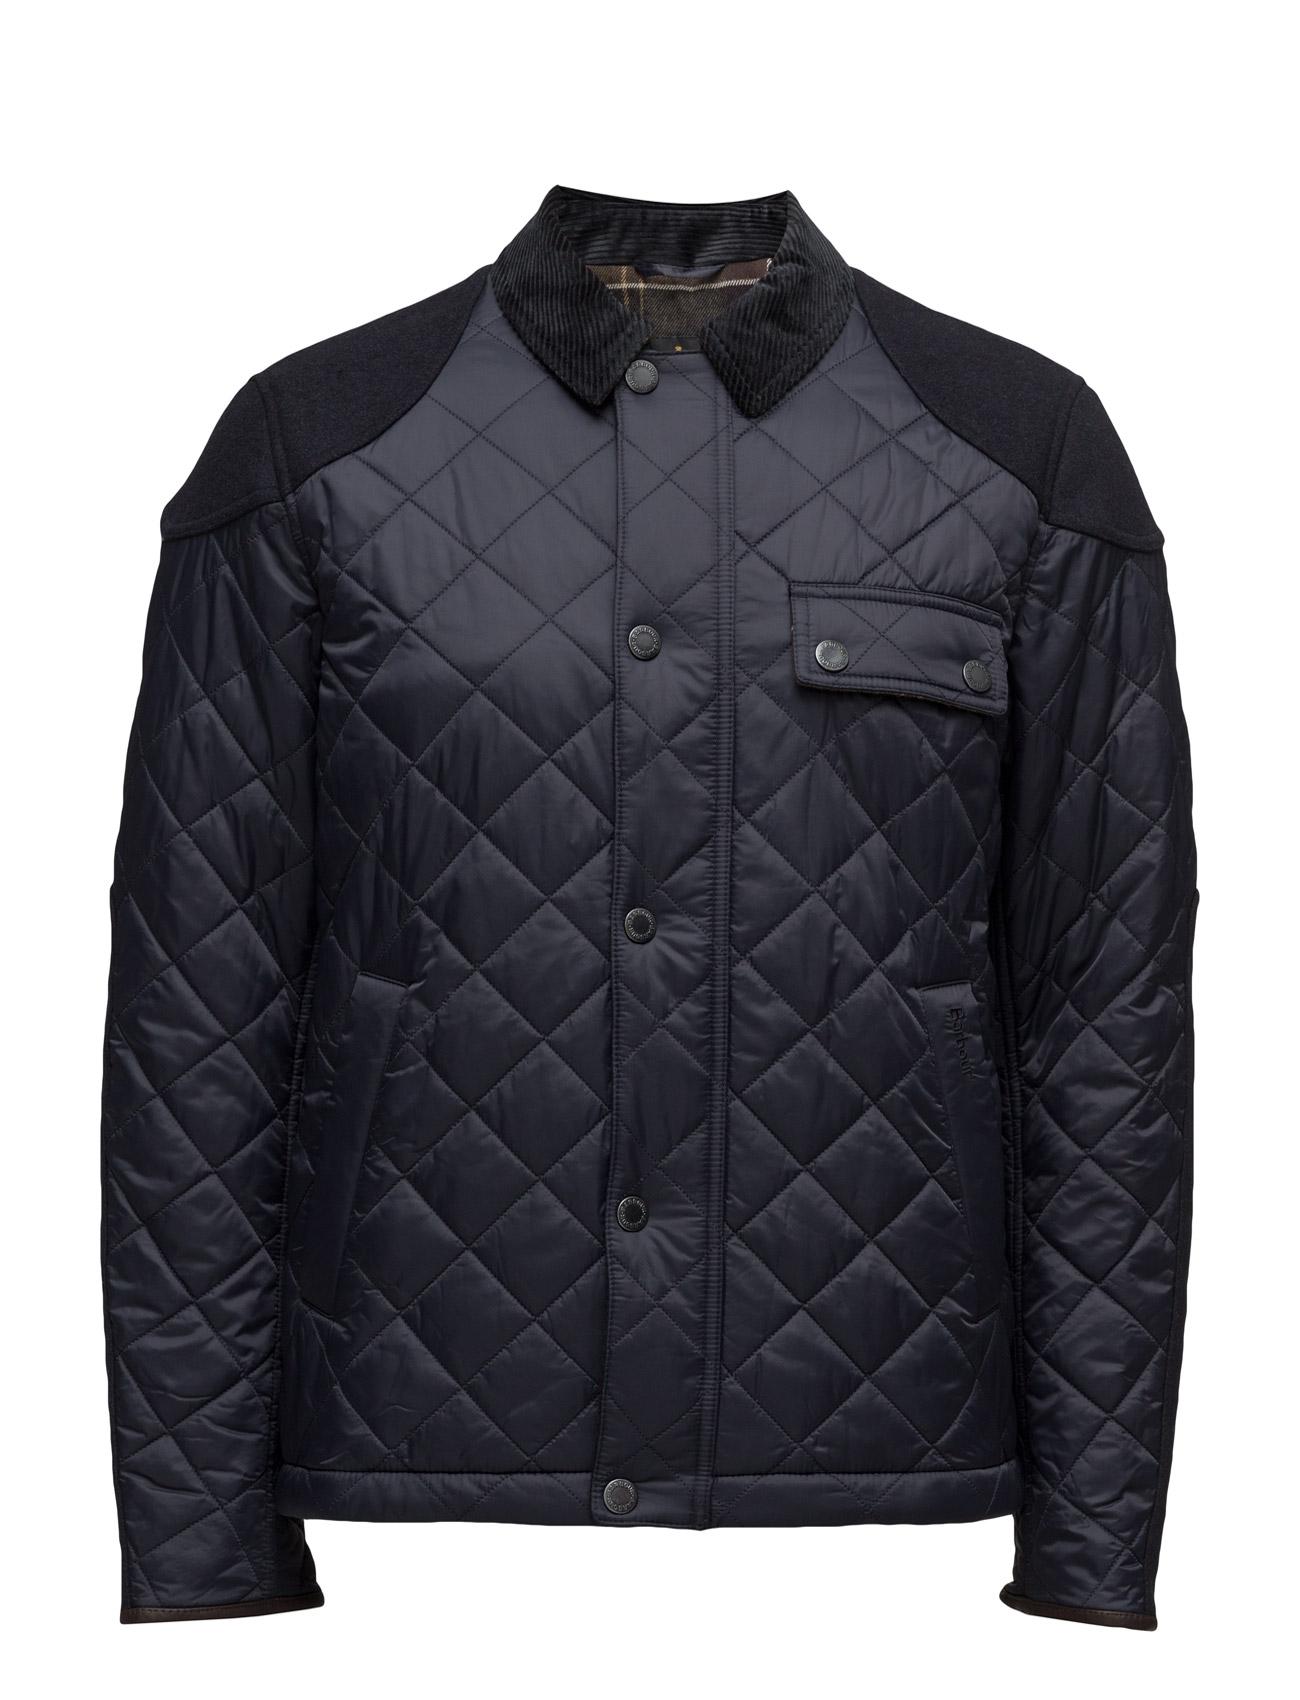 barbour – Barbour dunnotar jacket på boozt.com dk